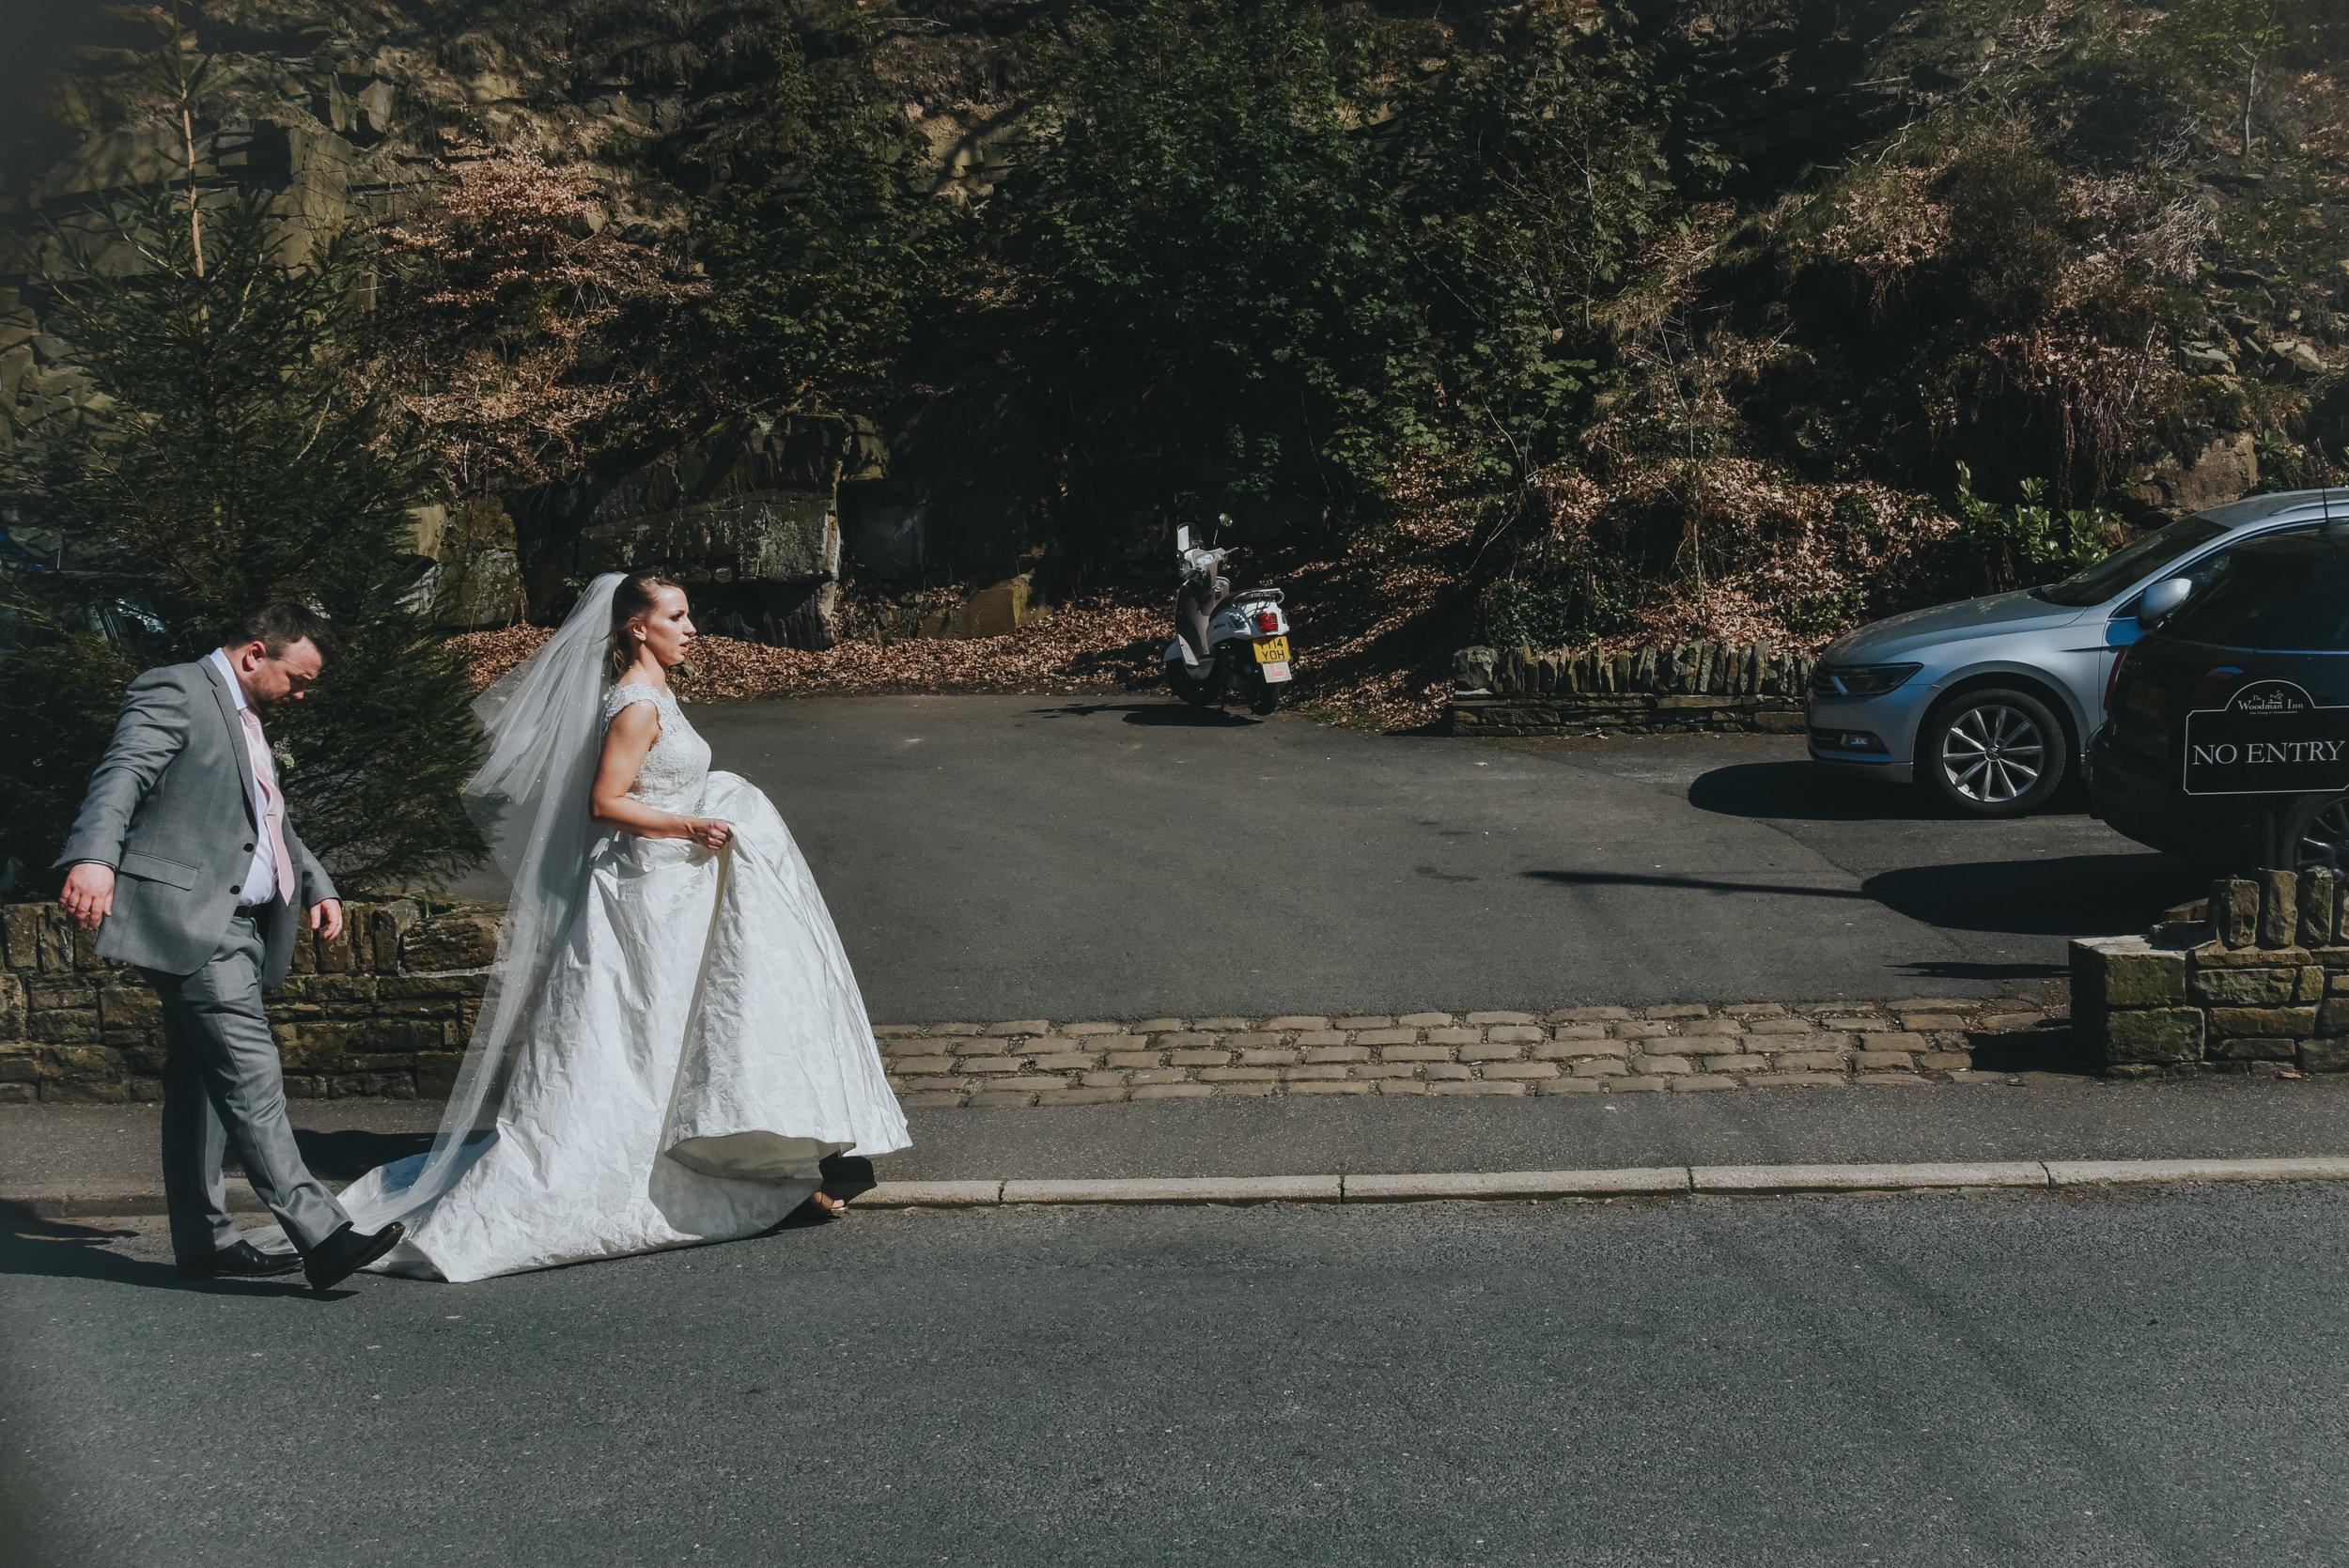 bride and groom walking down street